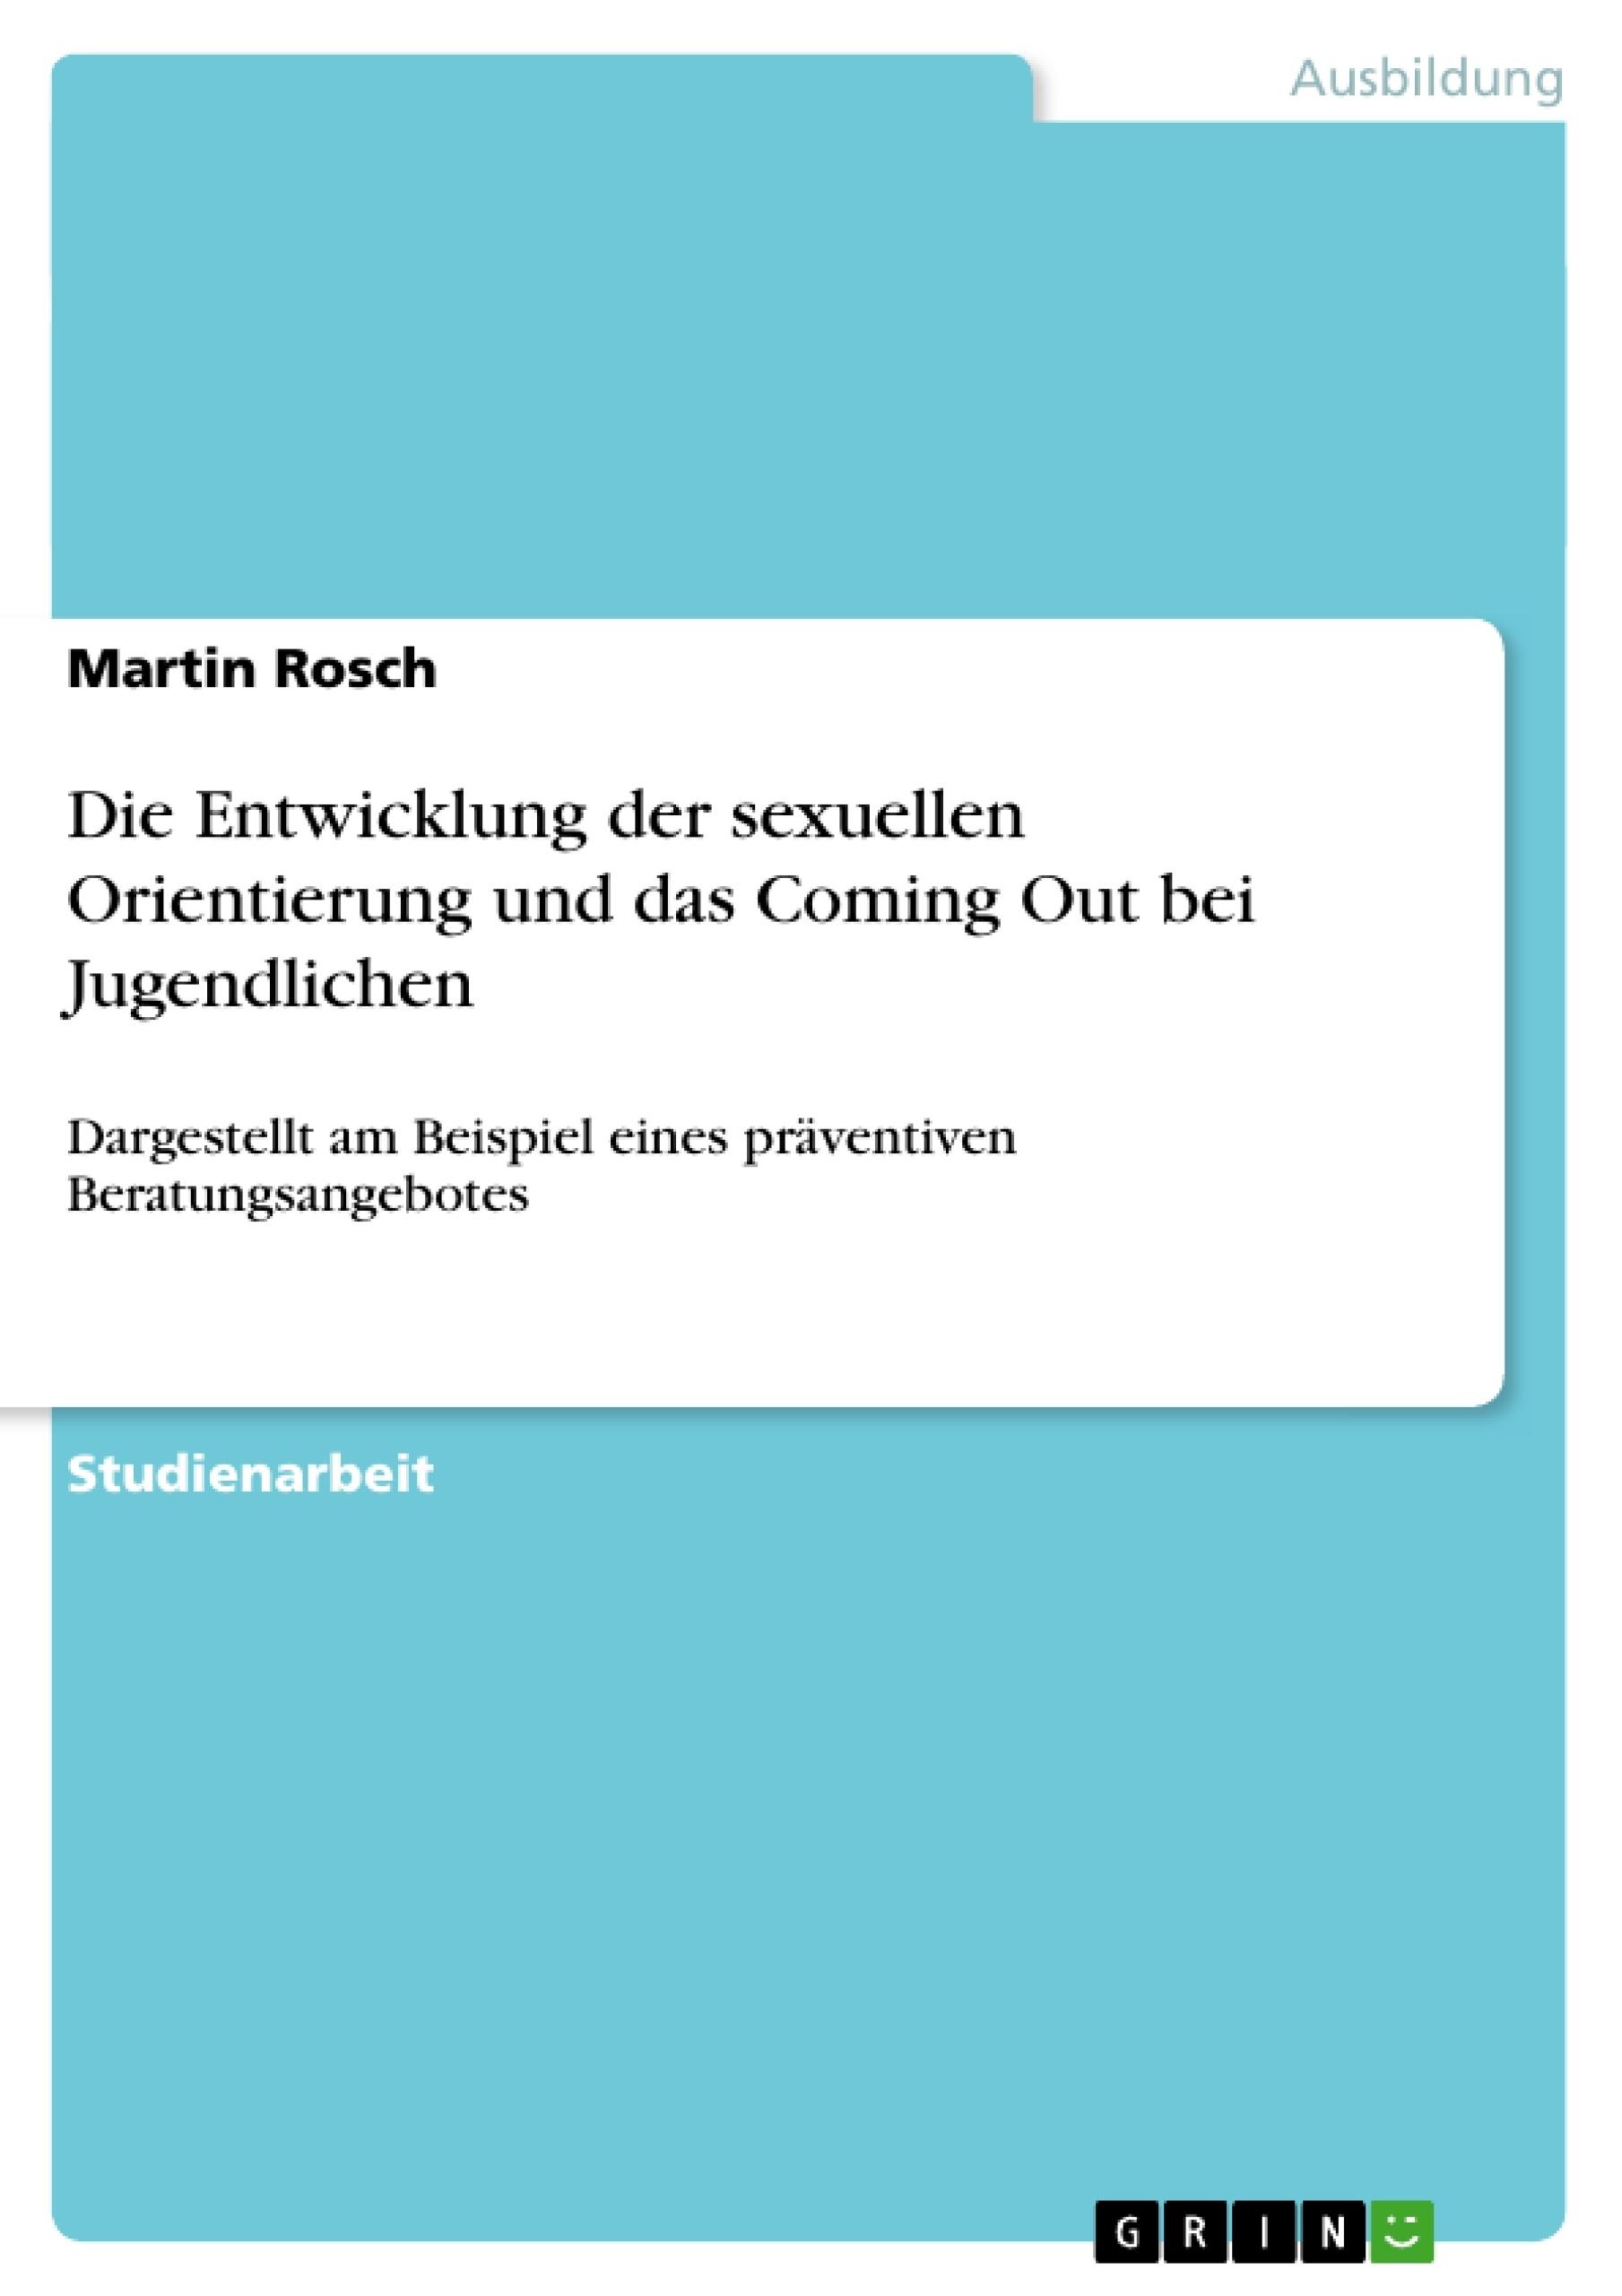 Titel: Die Entwicklung der sexuellen Orientierung und das Coming Out bei Jugendlichen